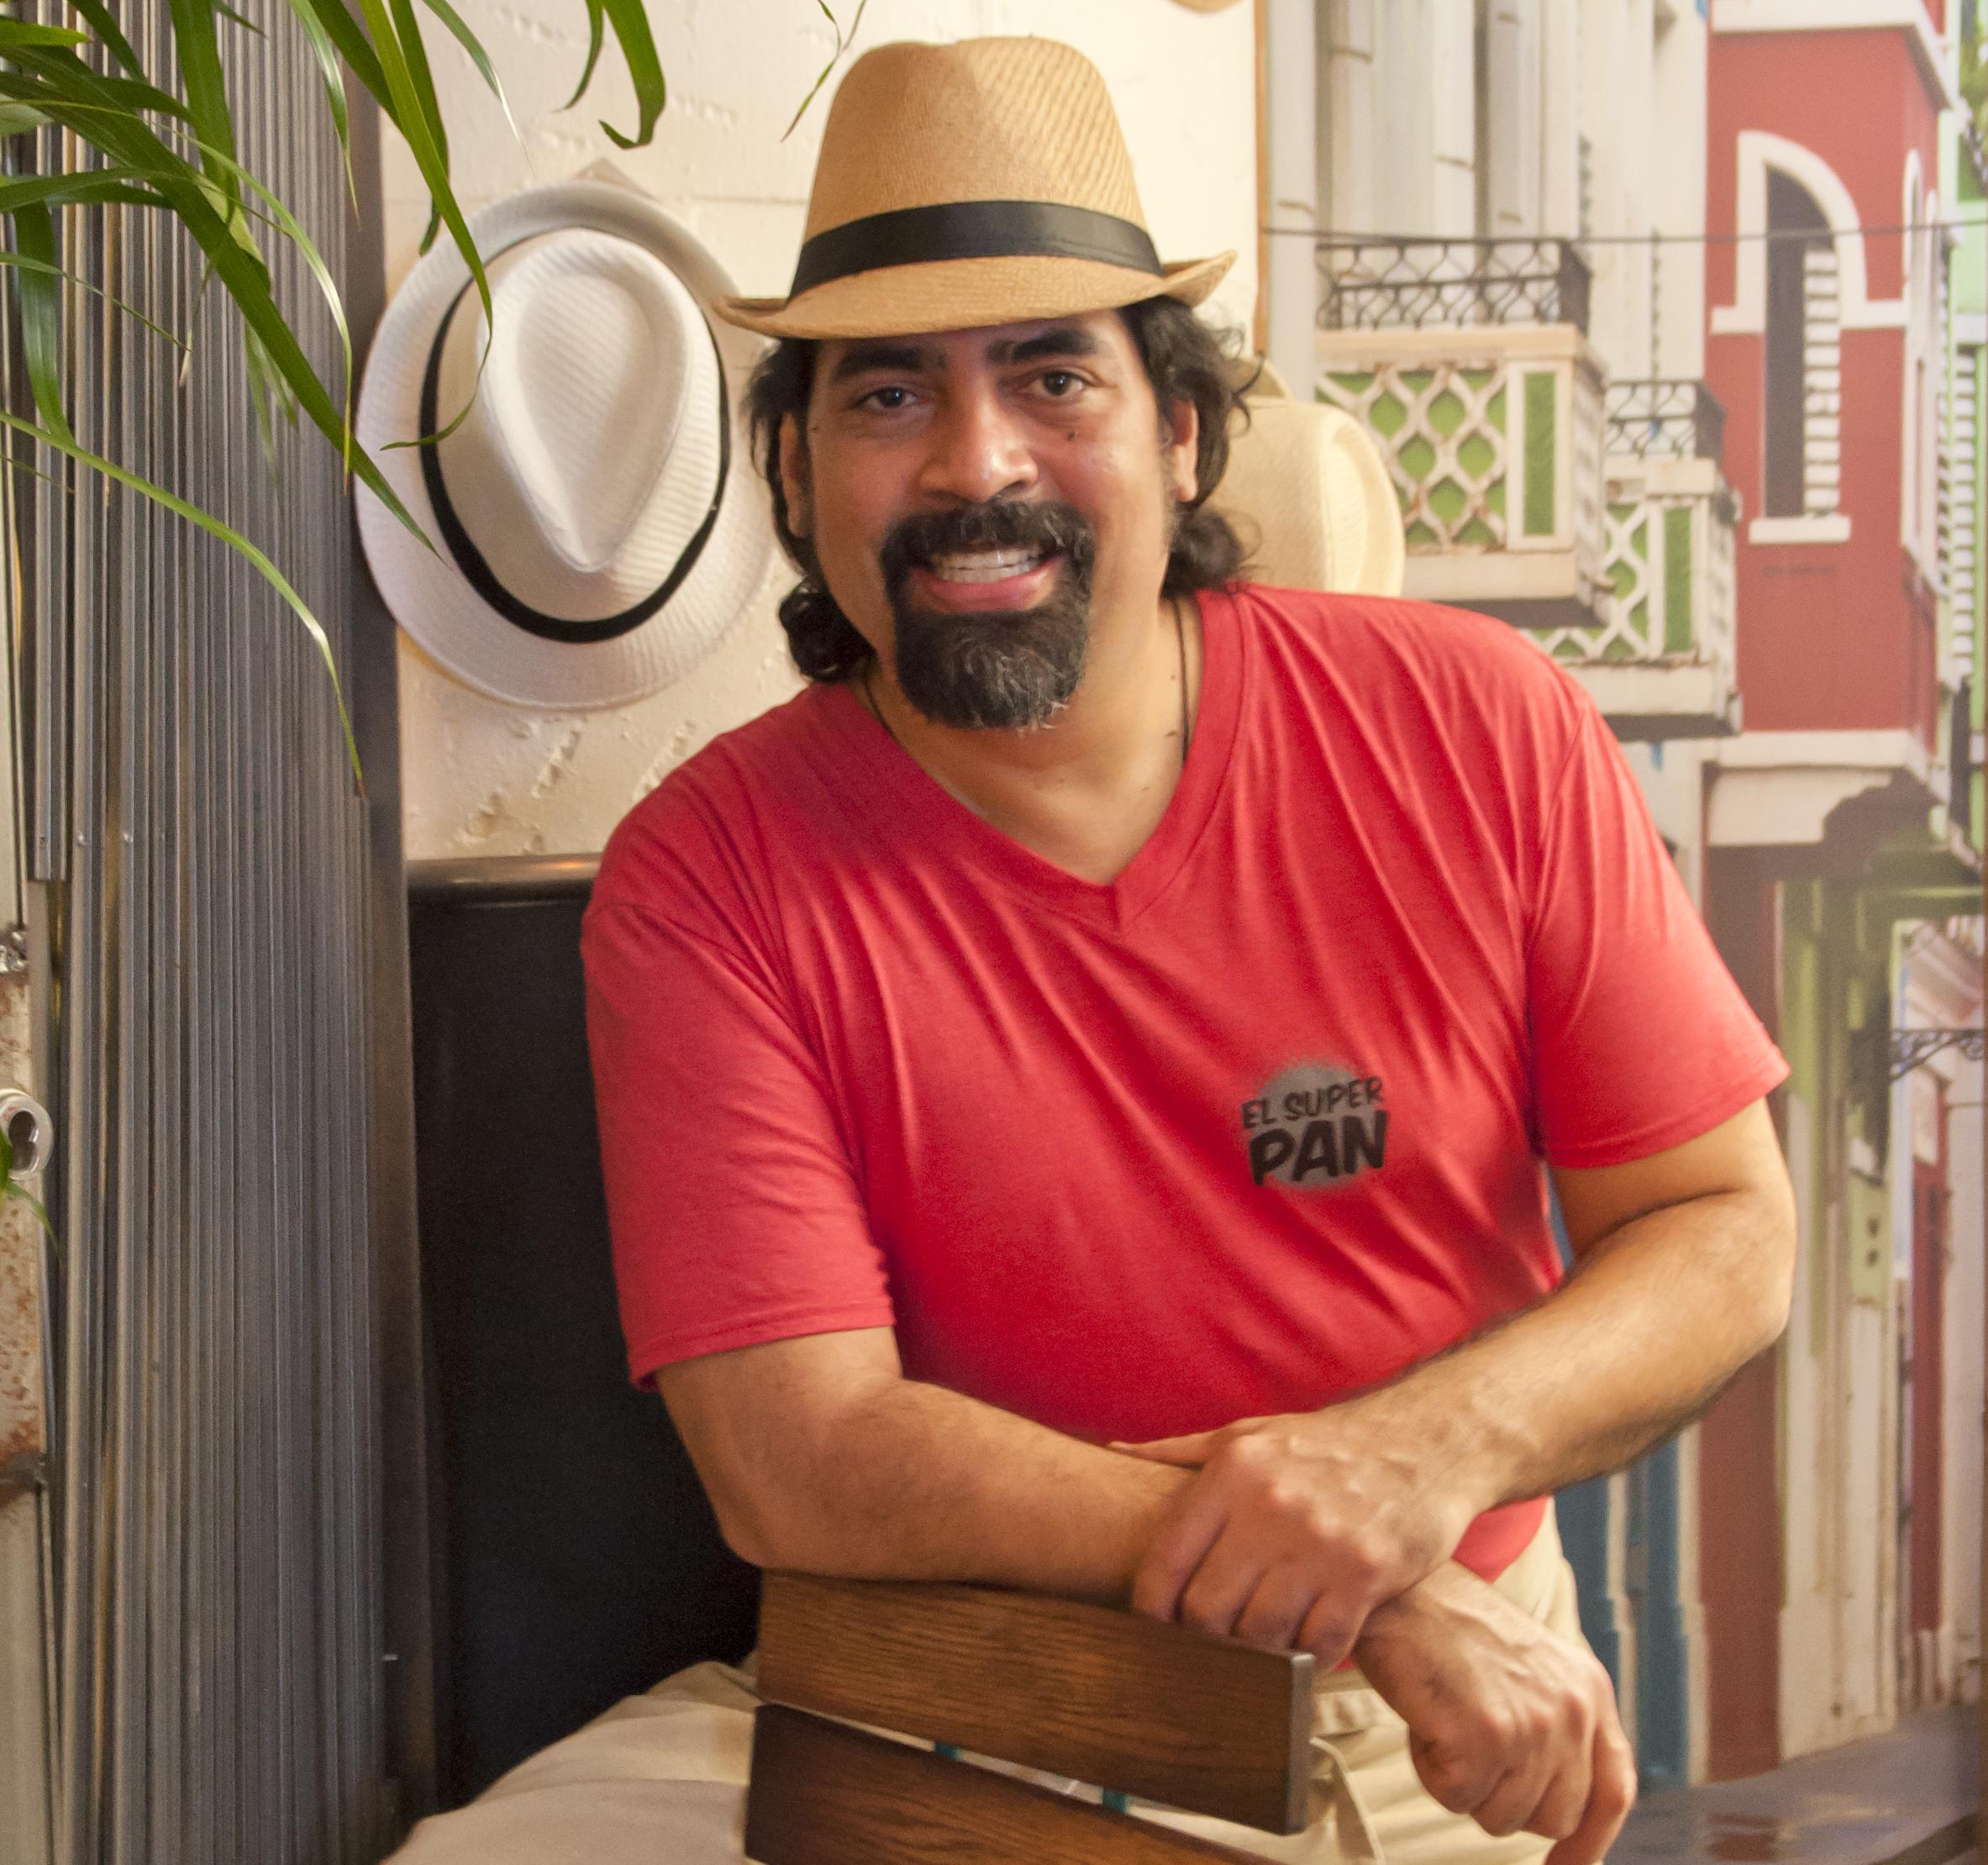 El Super Pan chef Hector Santiago.